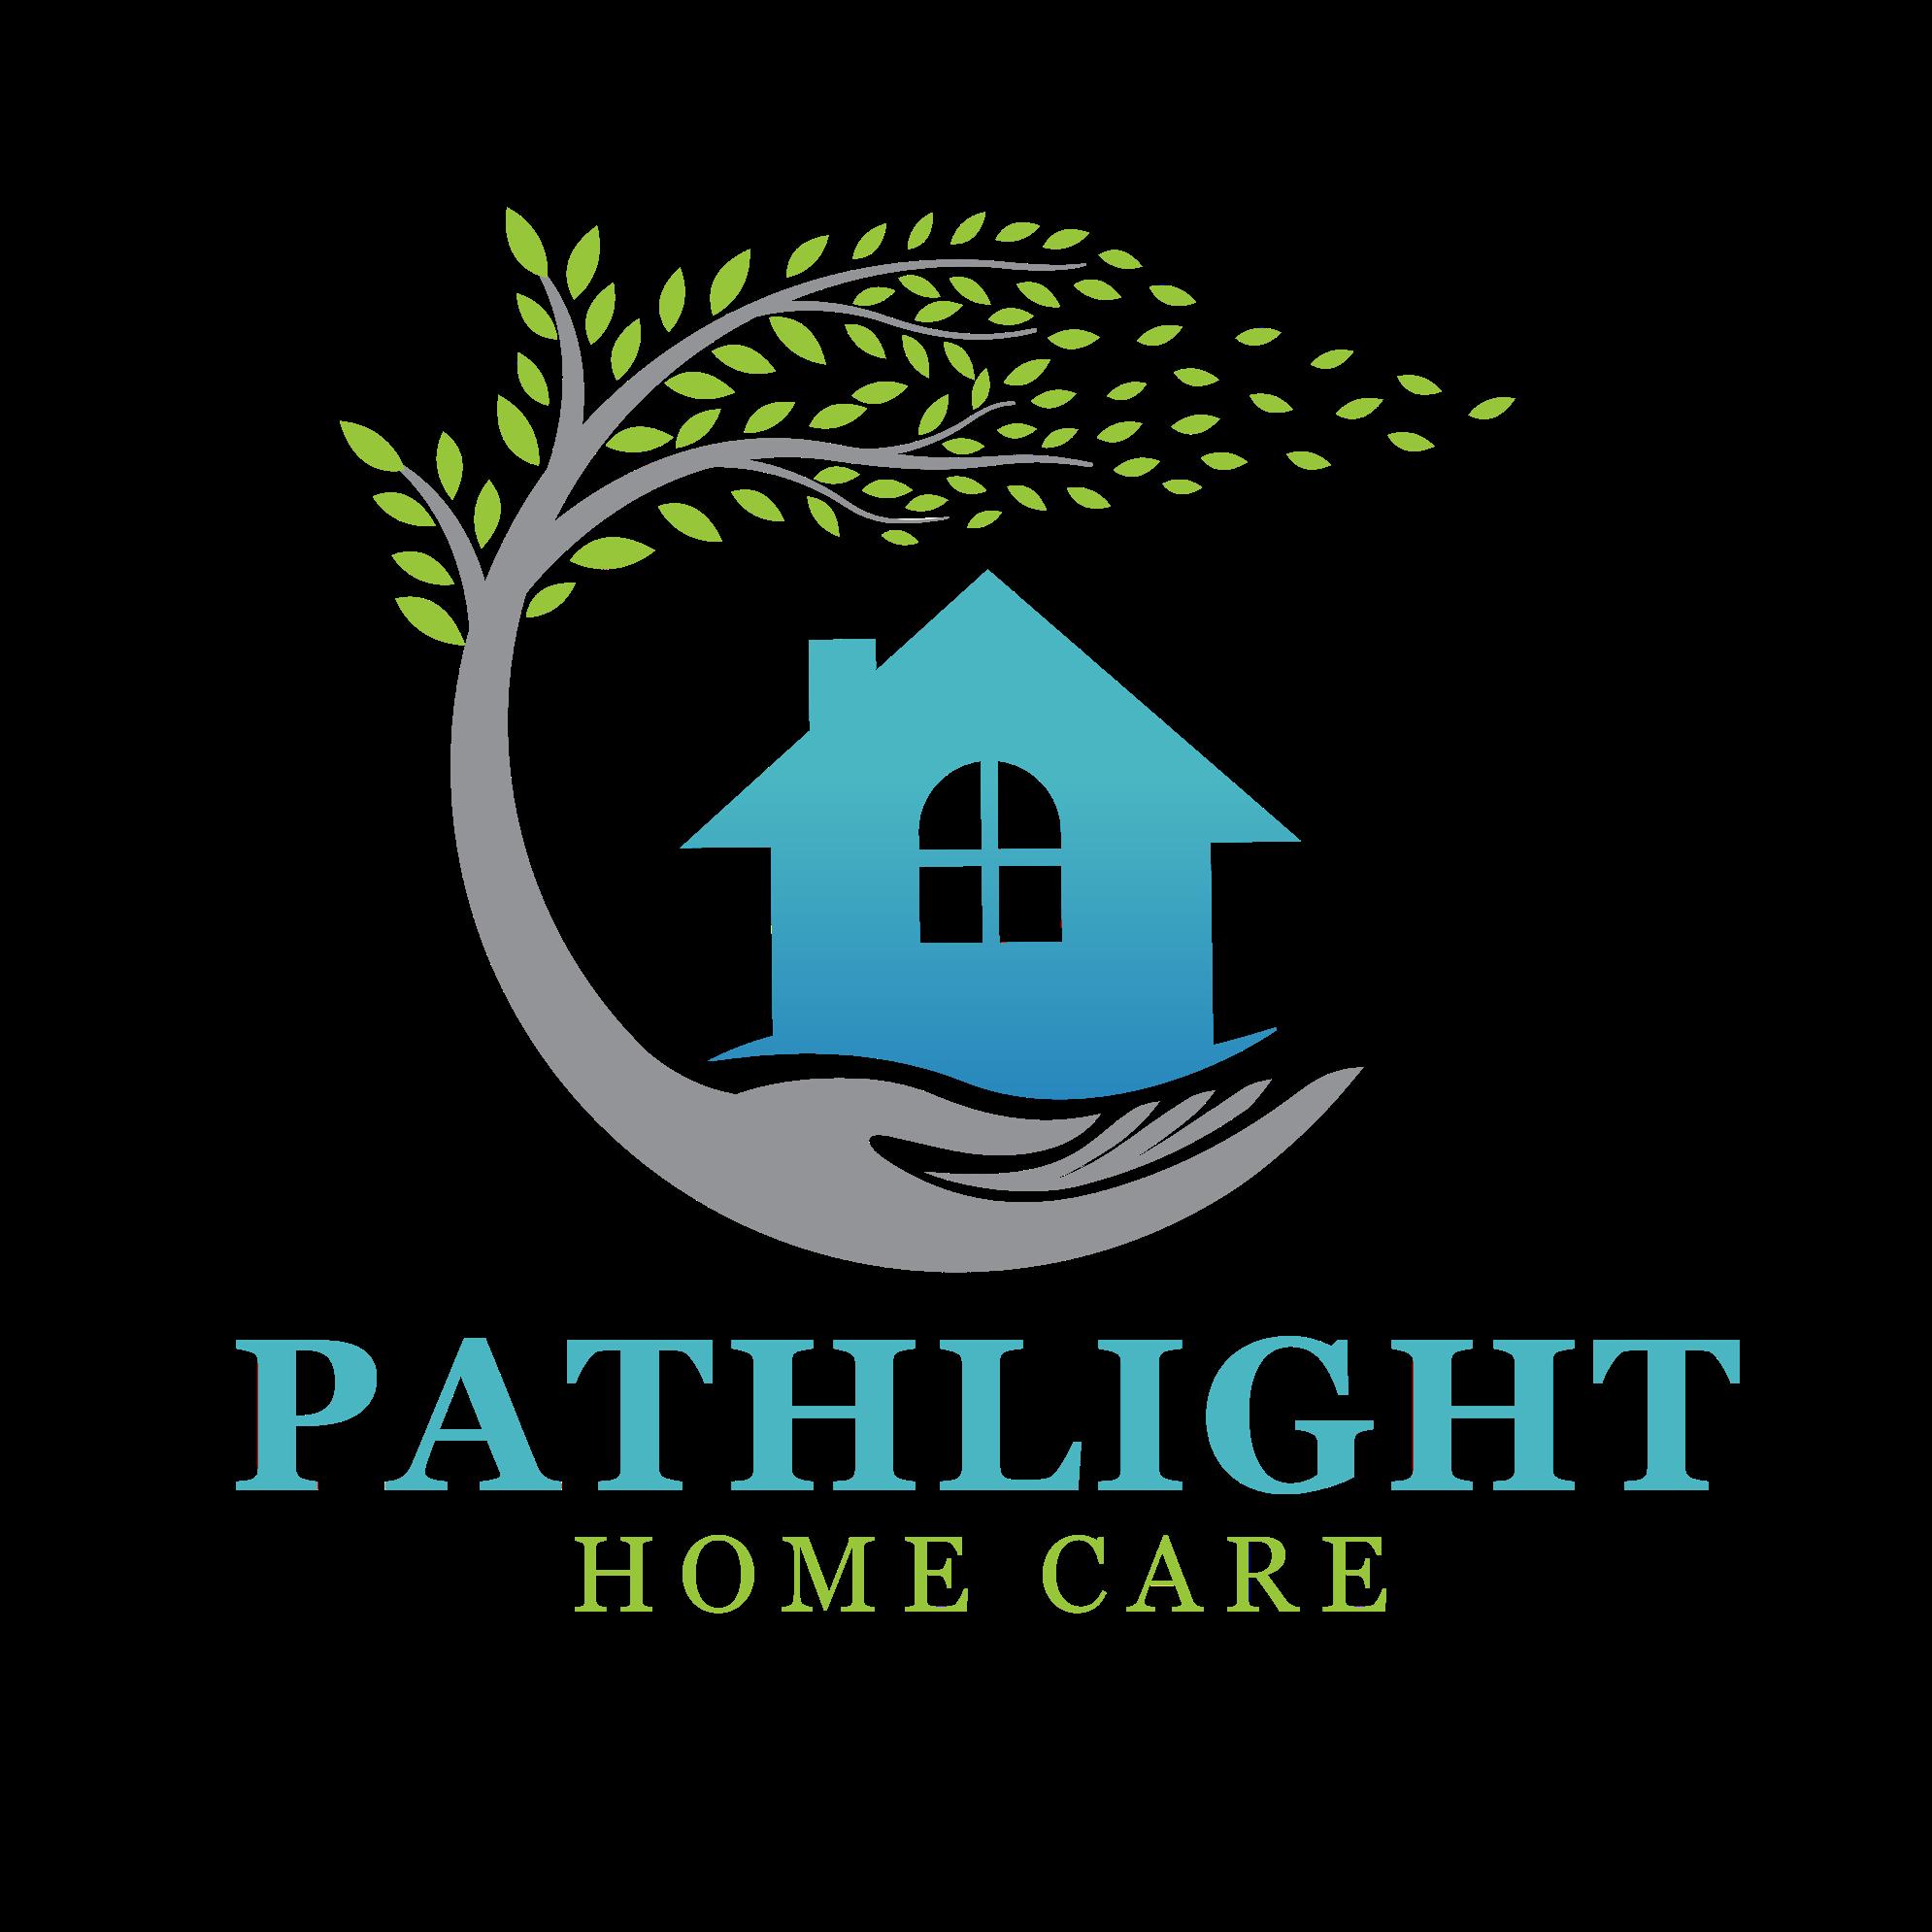 Pathlight Home Care